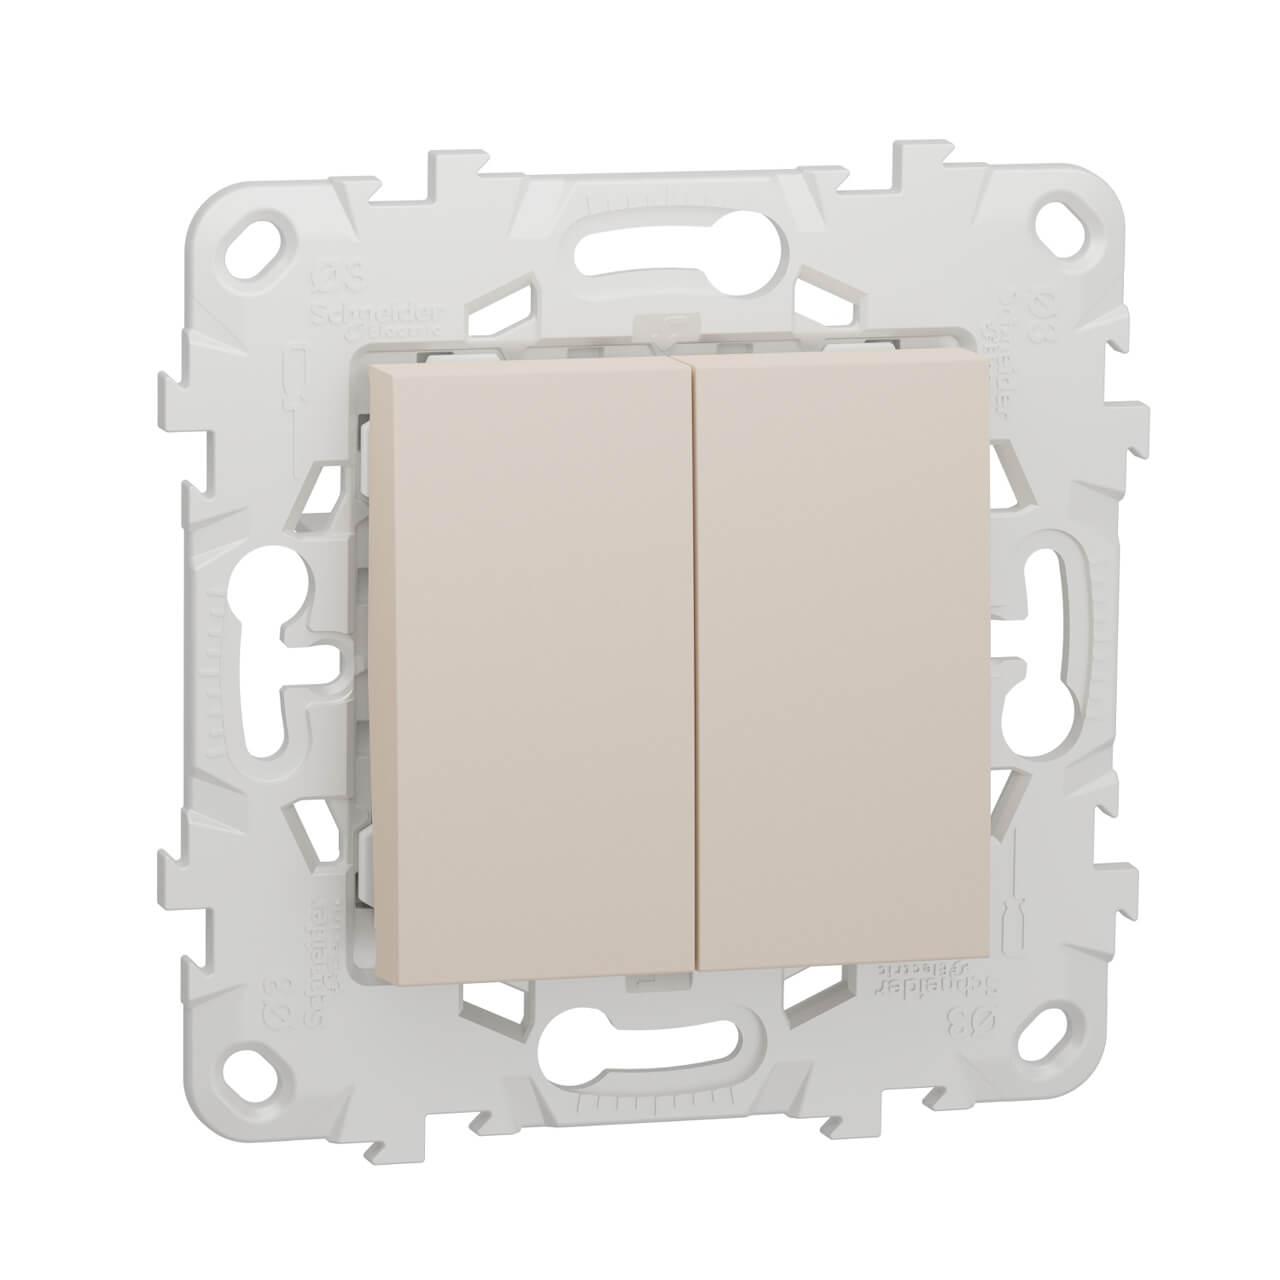 Выключатель Schneider Electric NU521144 Unica New